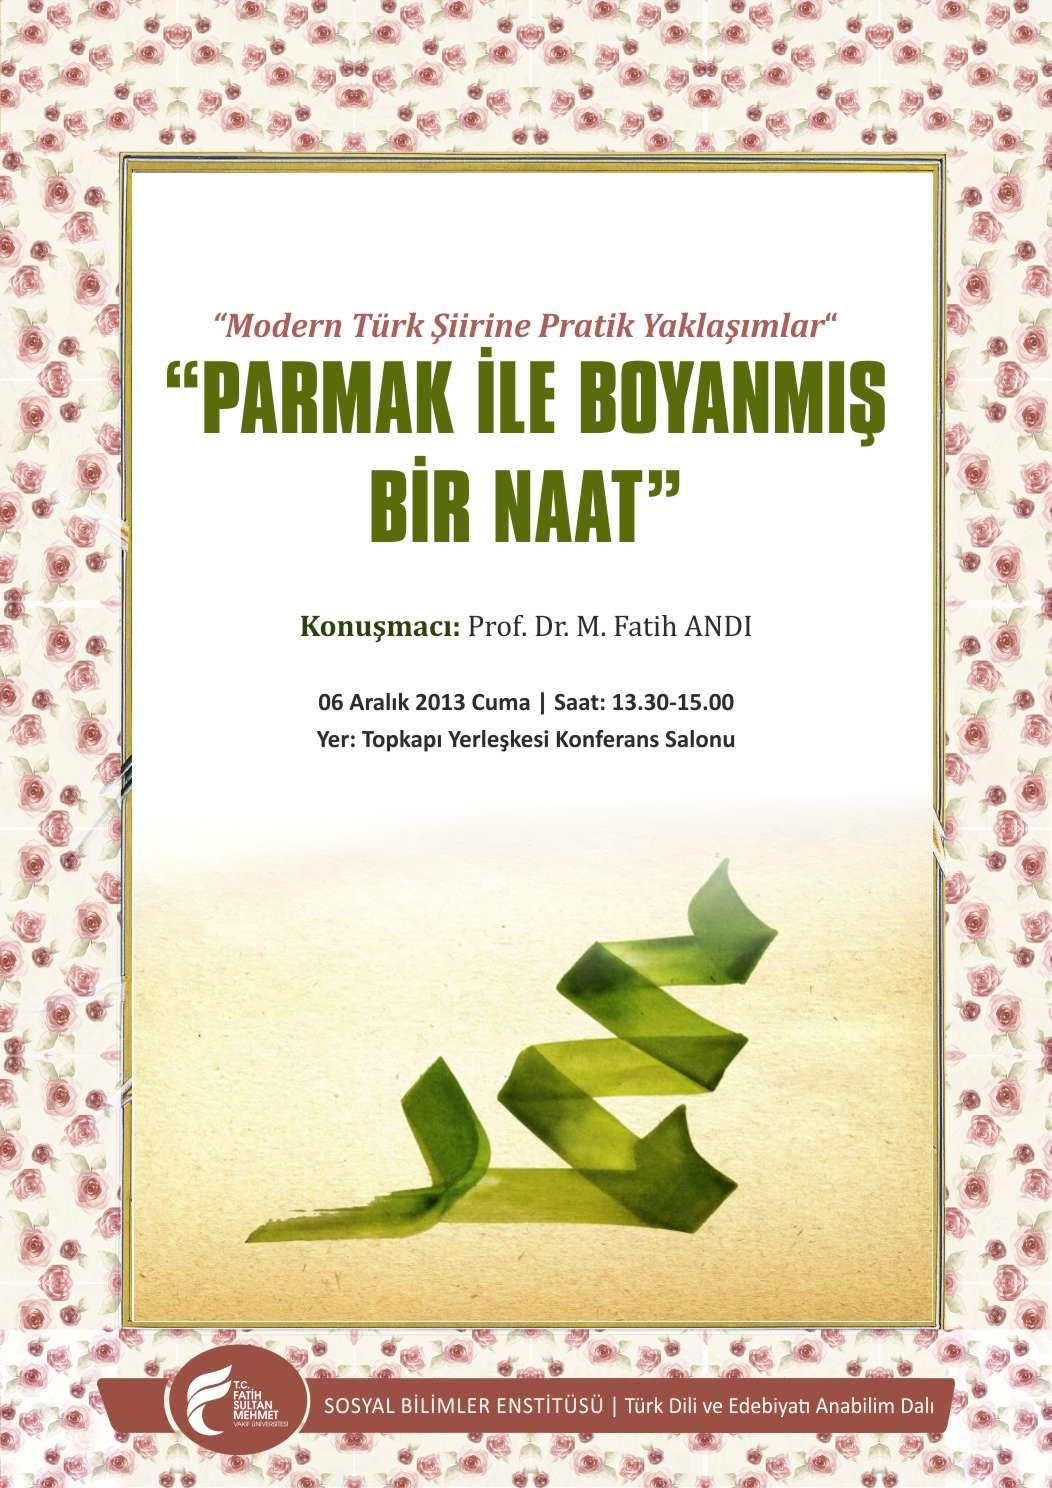 http://sbe.fsm.edu.tr/resimler/upload/Modern-Turk-Siirine-Pratik-Yaklasimlar-Baslikli-Parmakla-ile-Boyanmis-Bir-Naat-Konferansi-5051213.jpg